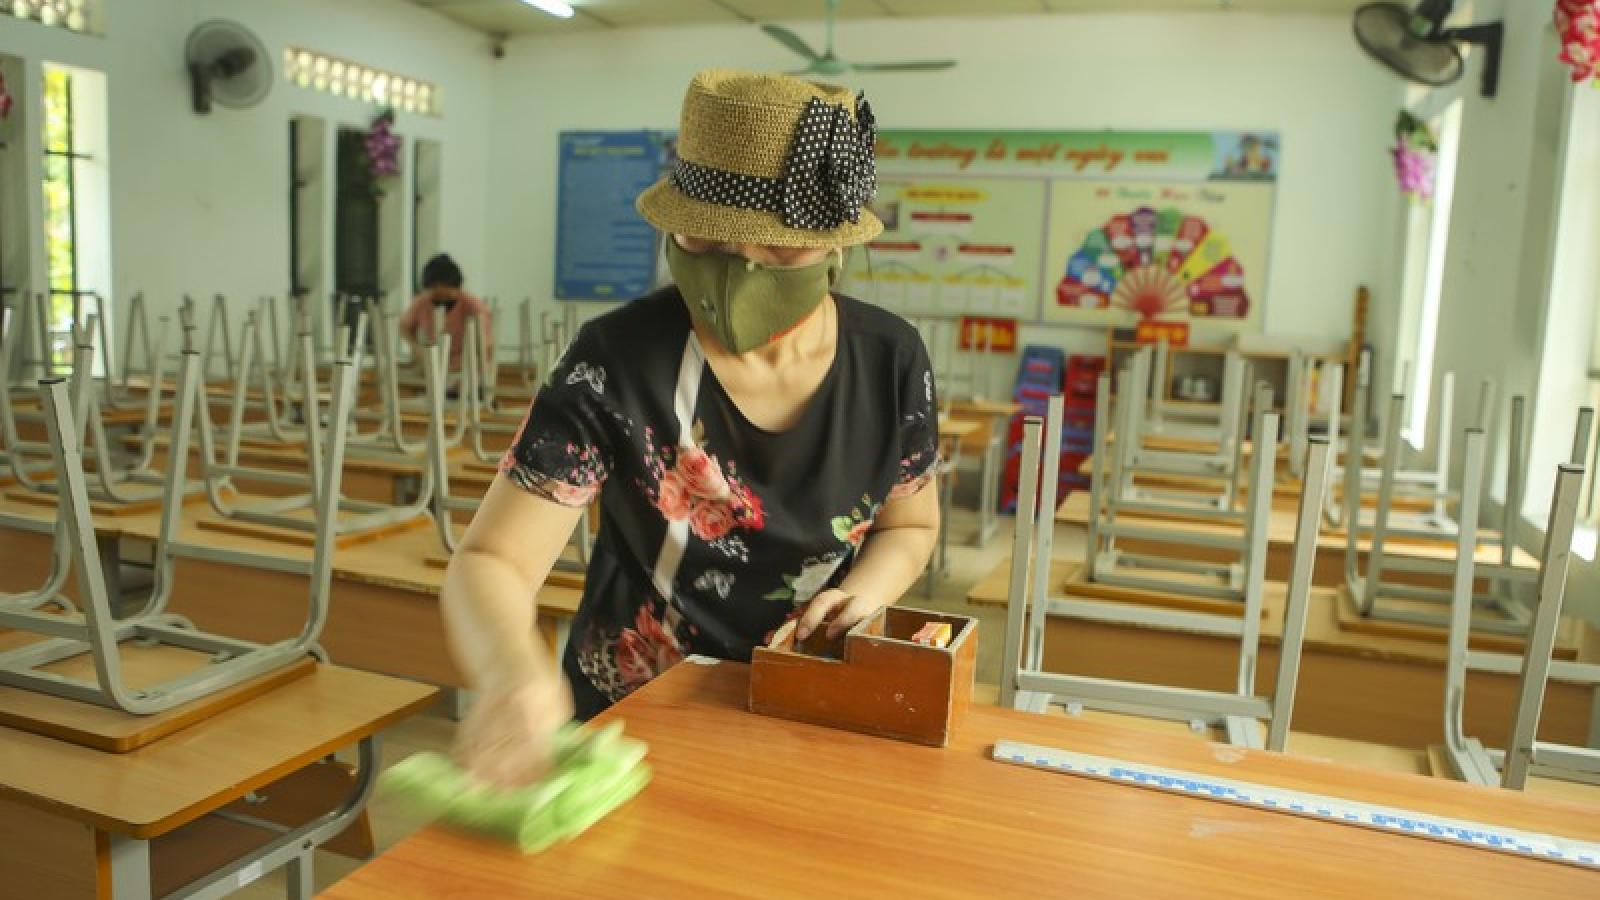 Điện Biên chuẩn bị tốt các điều kiện để học sinh đi học trở lại